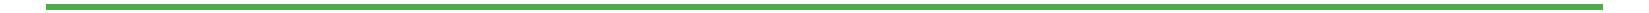 Networks%20e-mailer-06.jpg?v=1583920920136